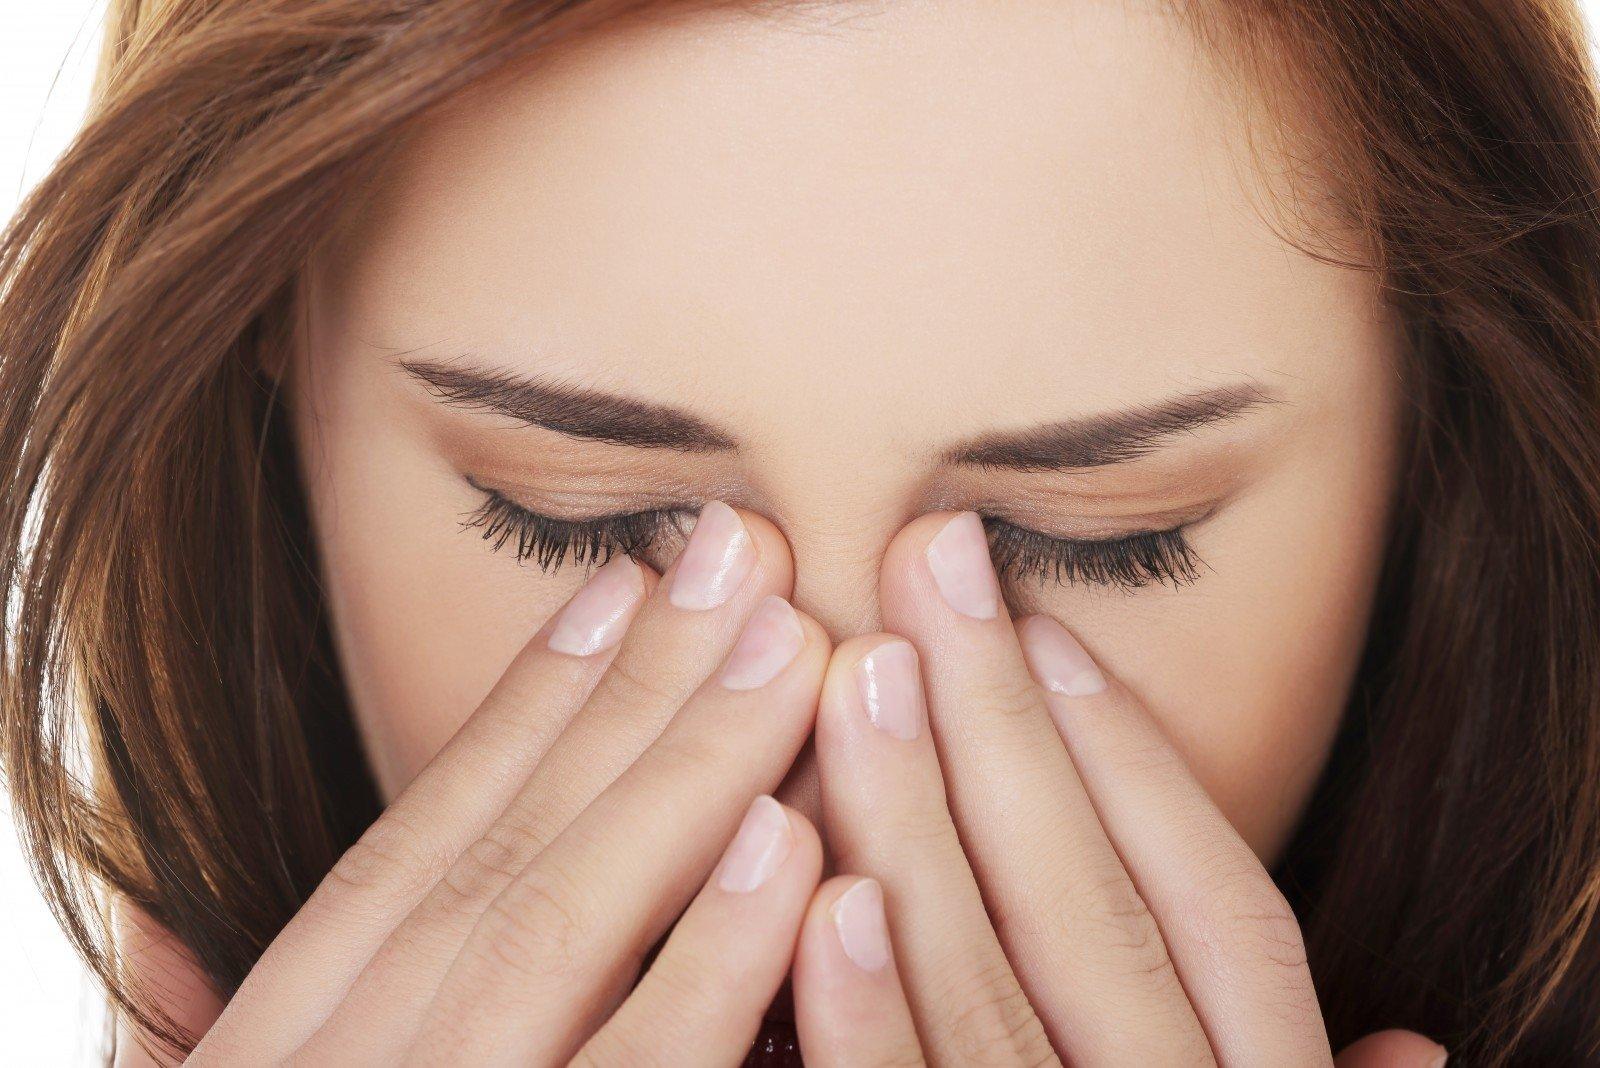 sergant hipertenzija, skauda akis paprasti pratimai širdies sveikatai